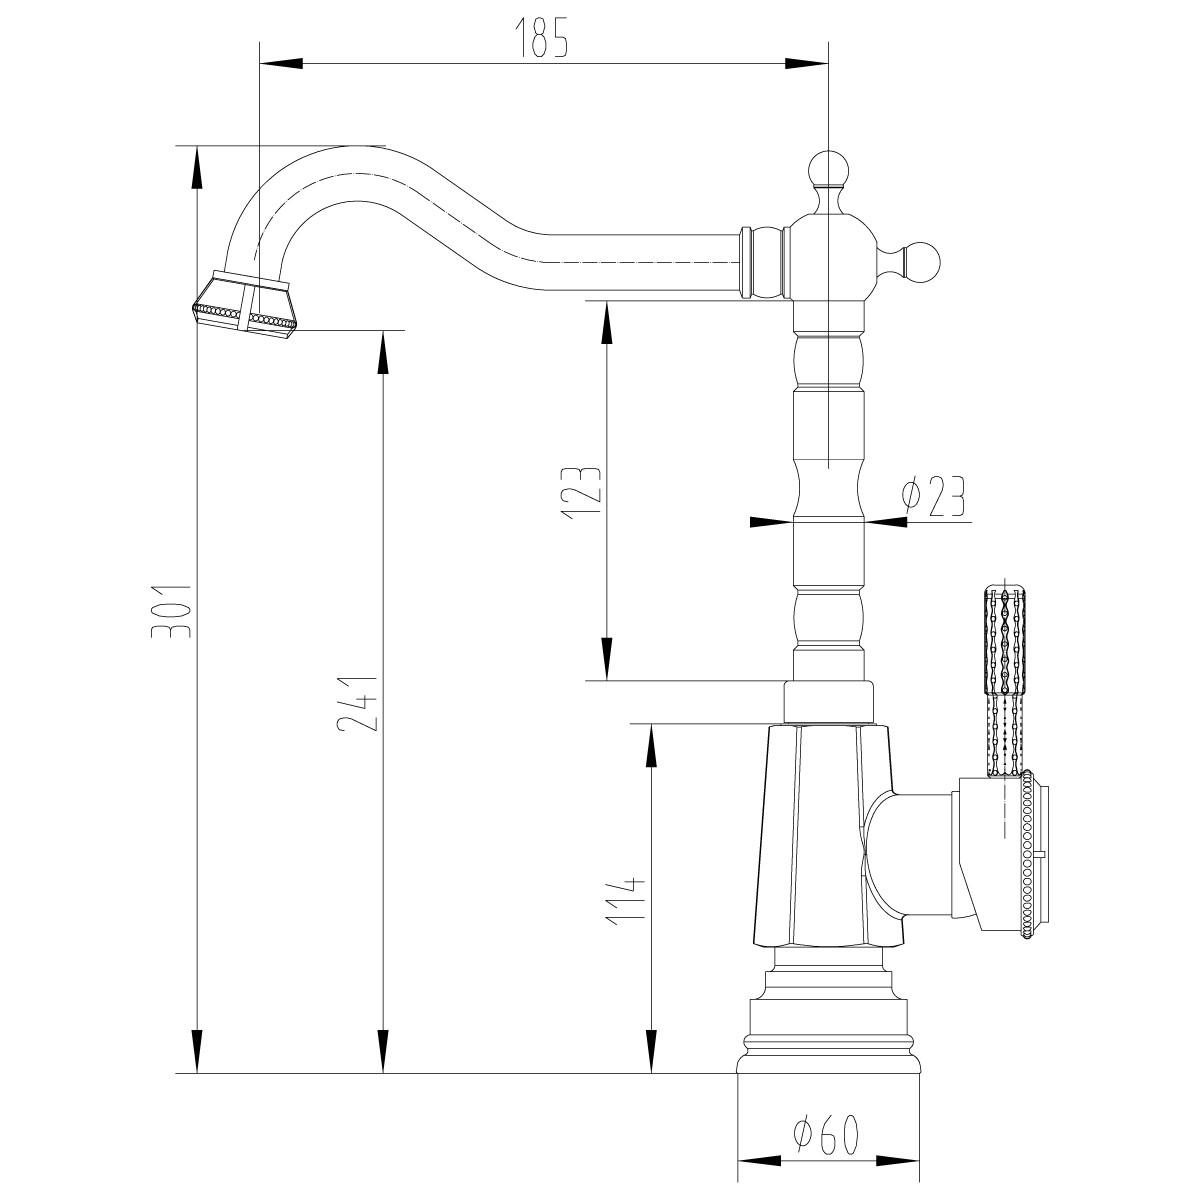 Смеситель для кухни Lemark Jasmine LM6605ORB с высоким поворотным изливом, черная бронза